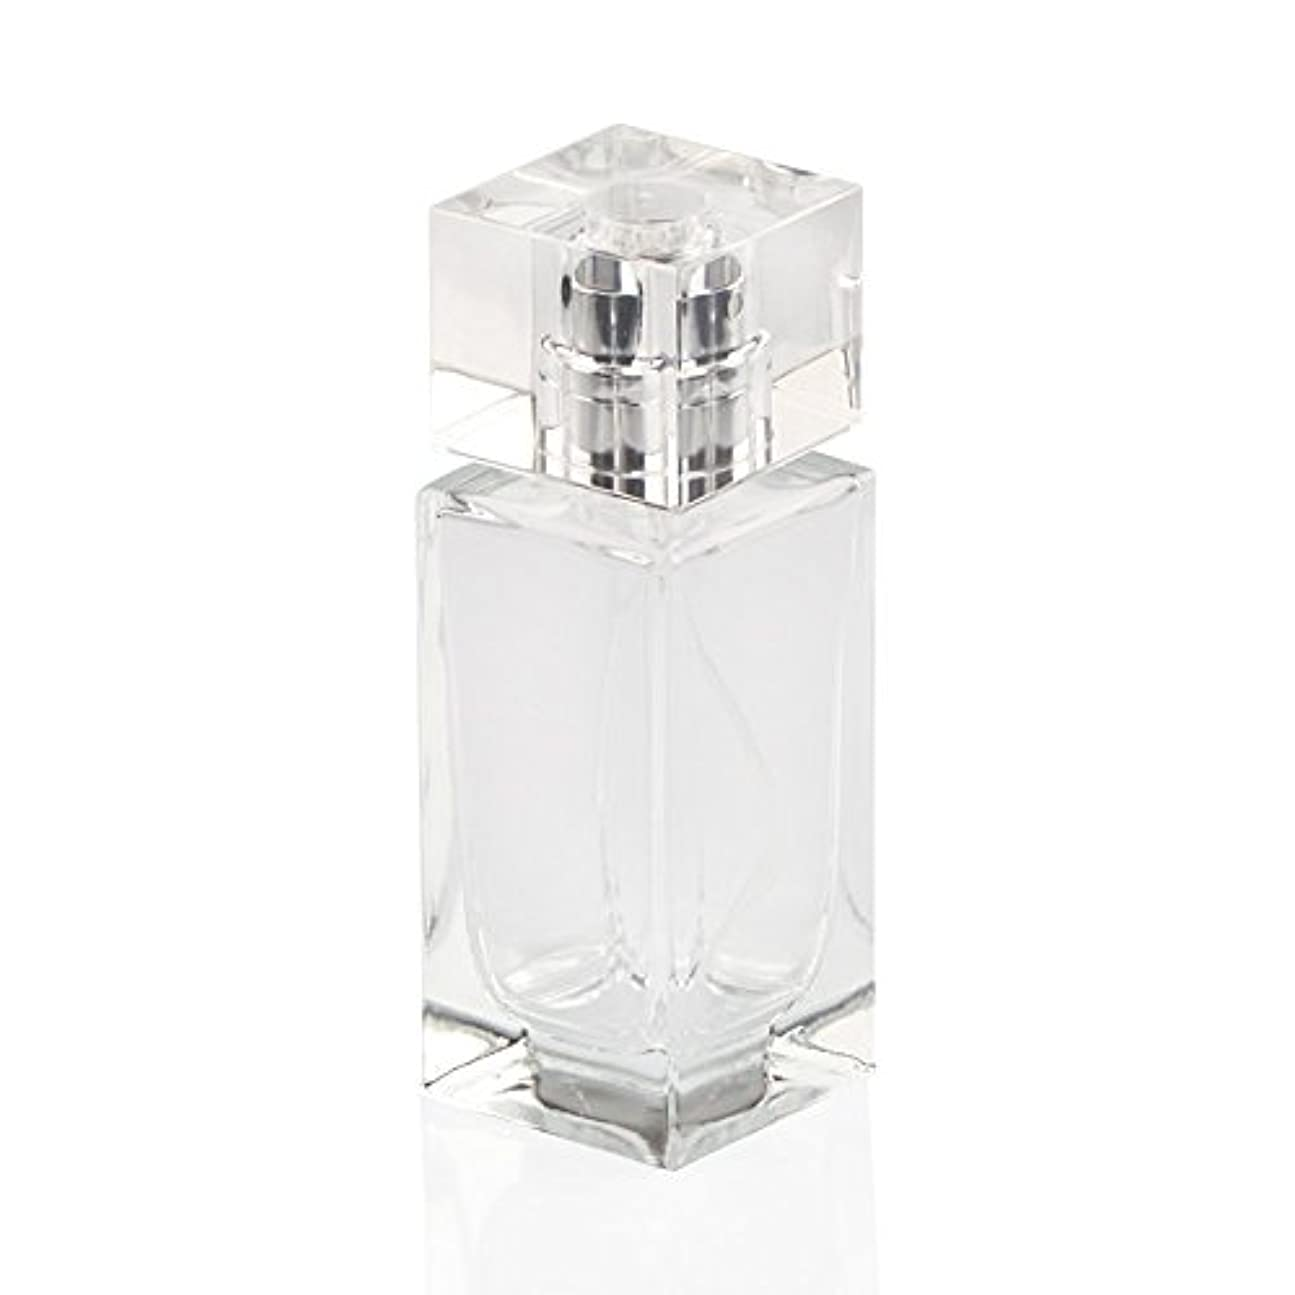 かけがえのないどうしたの期待するSAGULU 高品質ガラスボトル 香水瓶  アトマイザー  詰替用ボトル 化粧水用瓶 50ML 透明 シンプルデザイン ホーム飾り 装飾雑貨  銀色と金色のランダム出荷